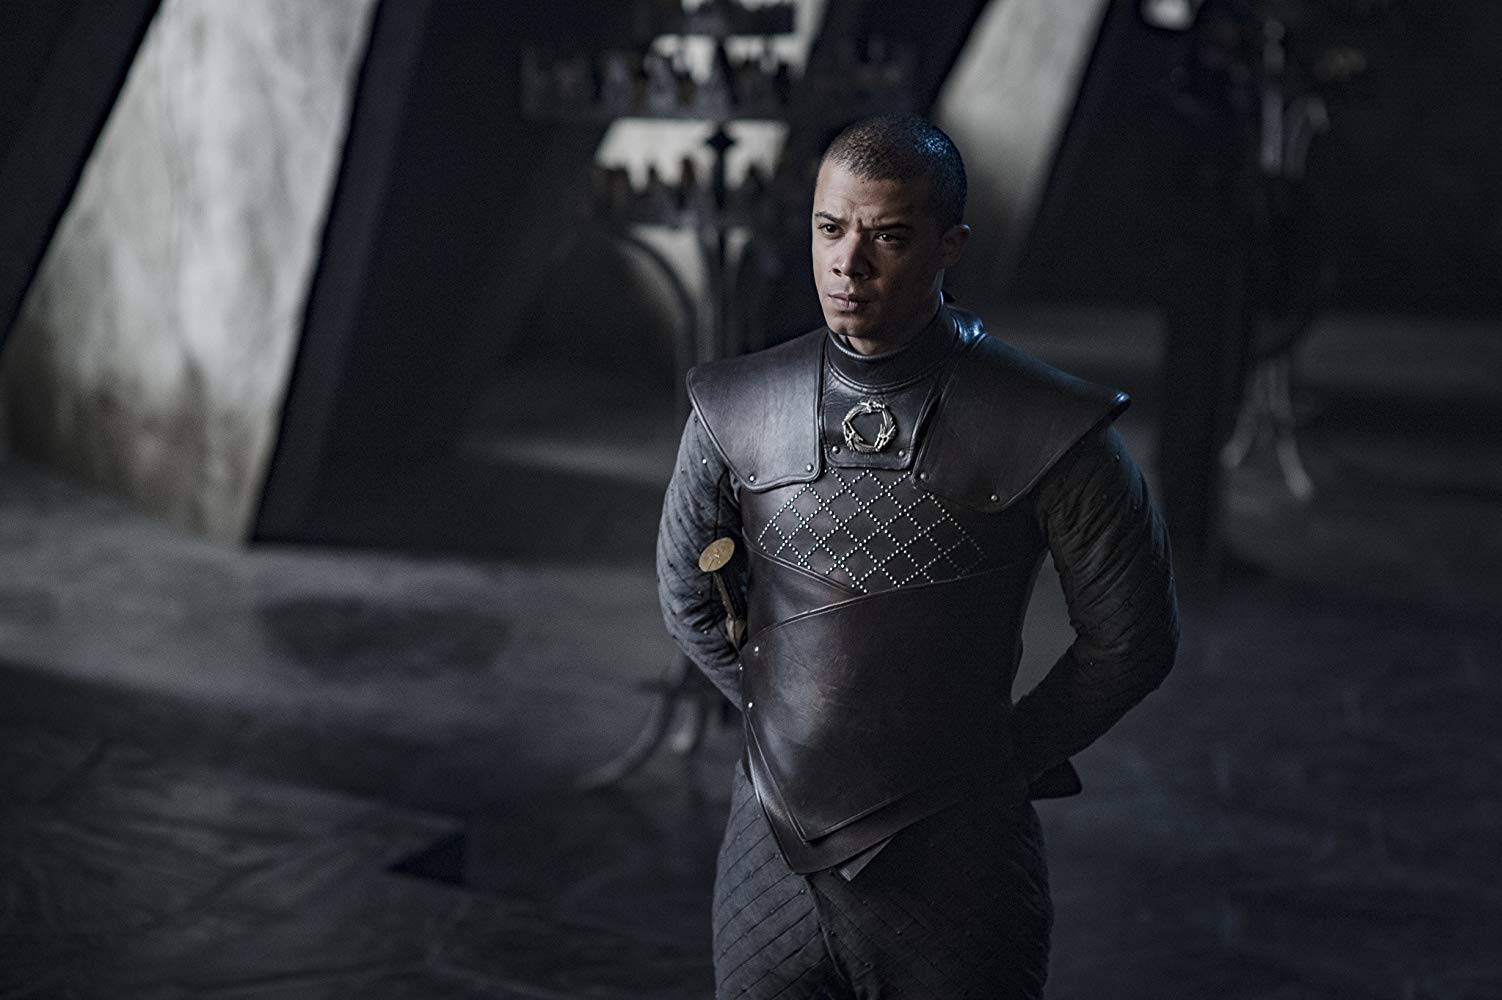 Il trono di spade: Jacob Anderson in una scena del penultimo episodio della serie